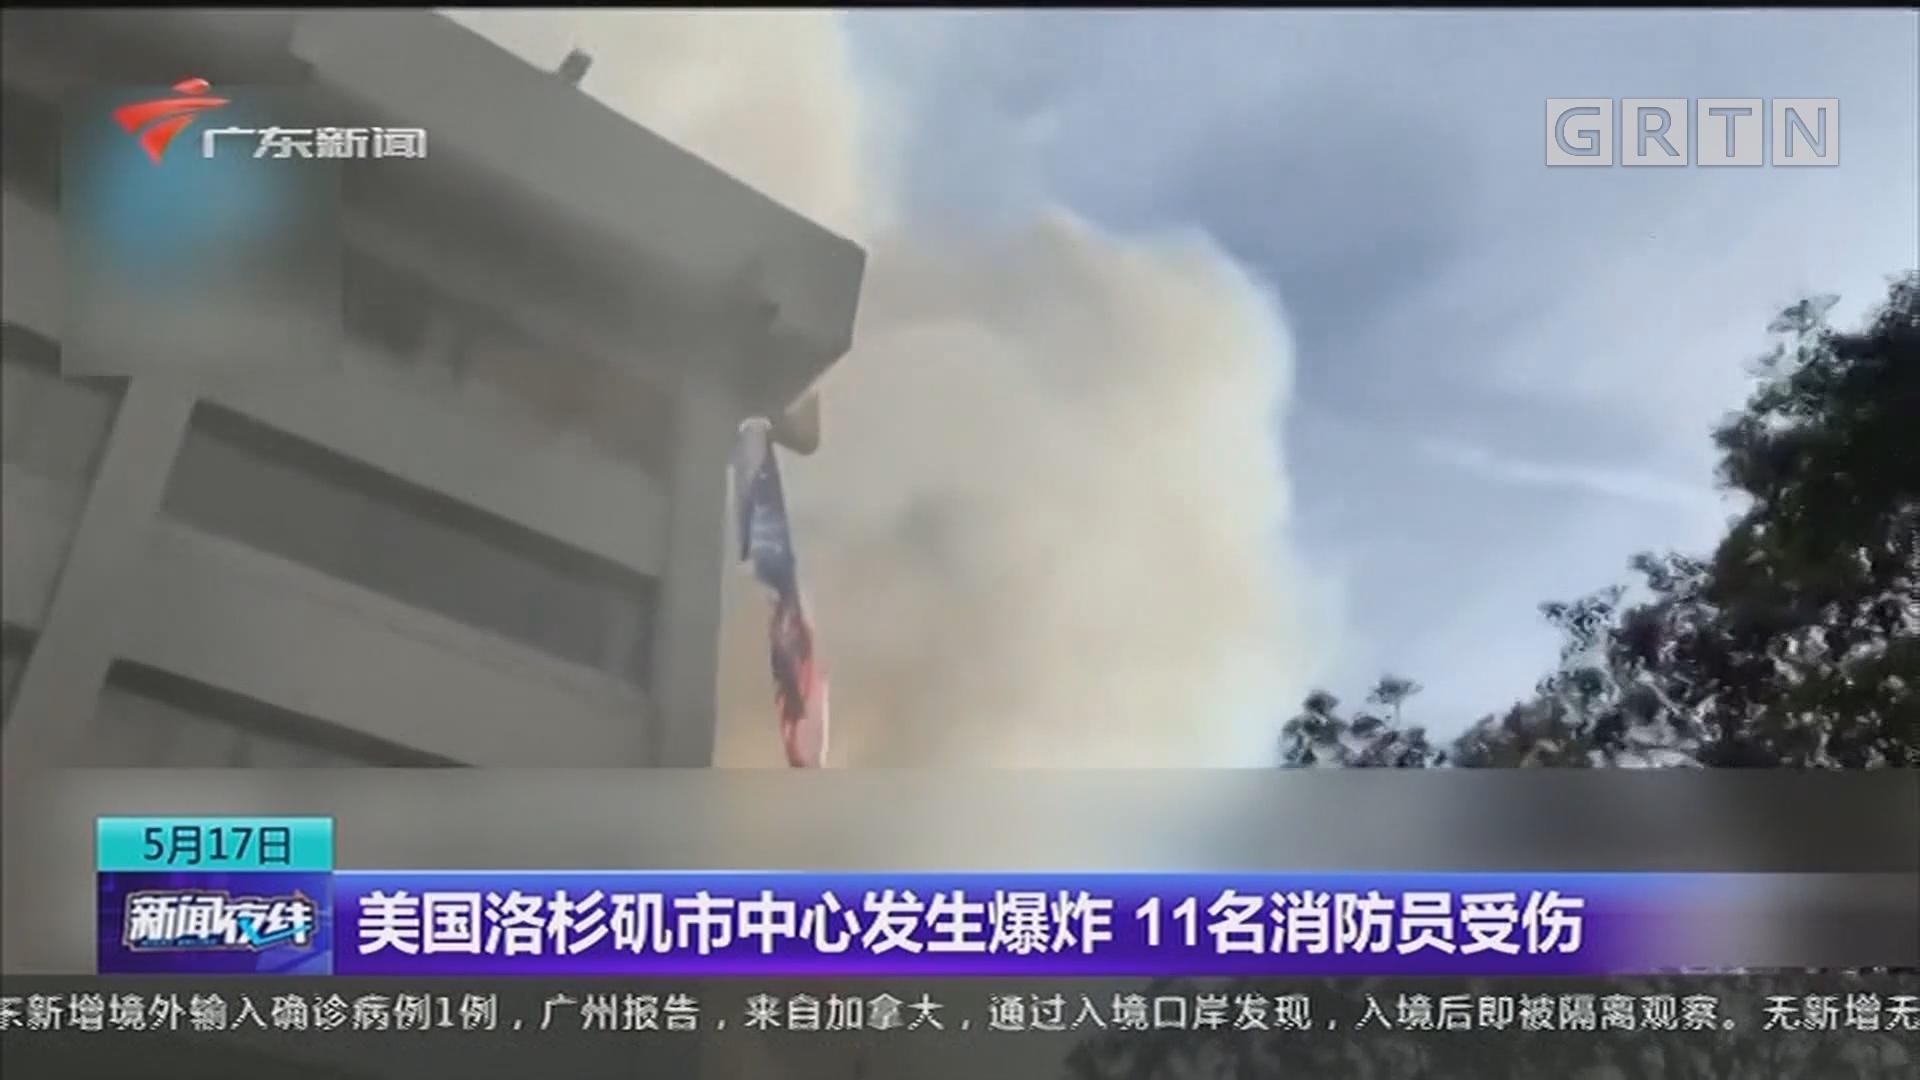 美国洛杉矶市中心发生爆炸 11名消防员受伤